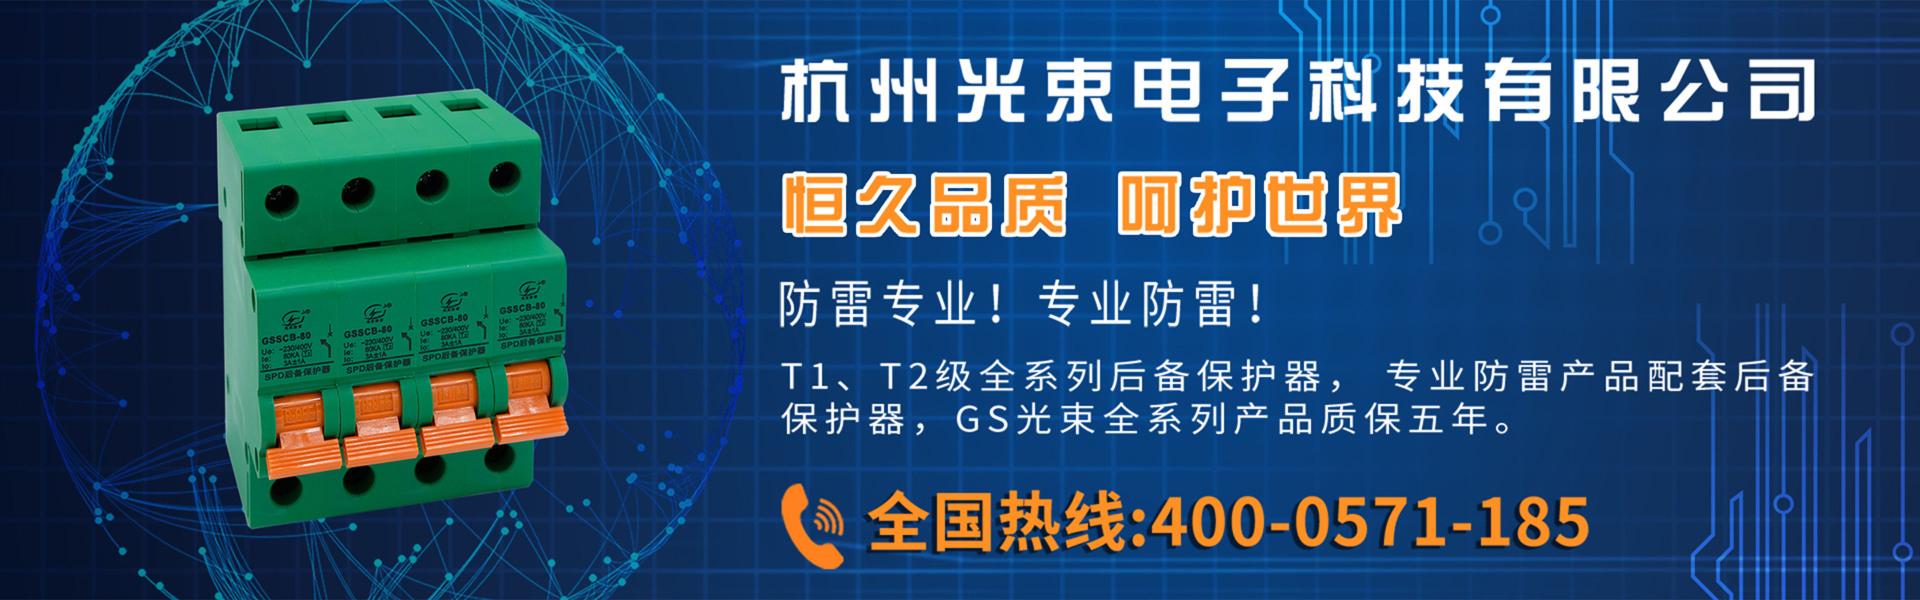 杭州光束厂家直销后备保护器,SCB,浪涌后备保护器,后备保护装置